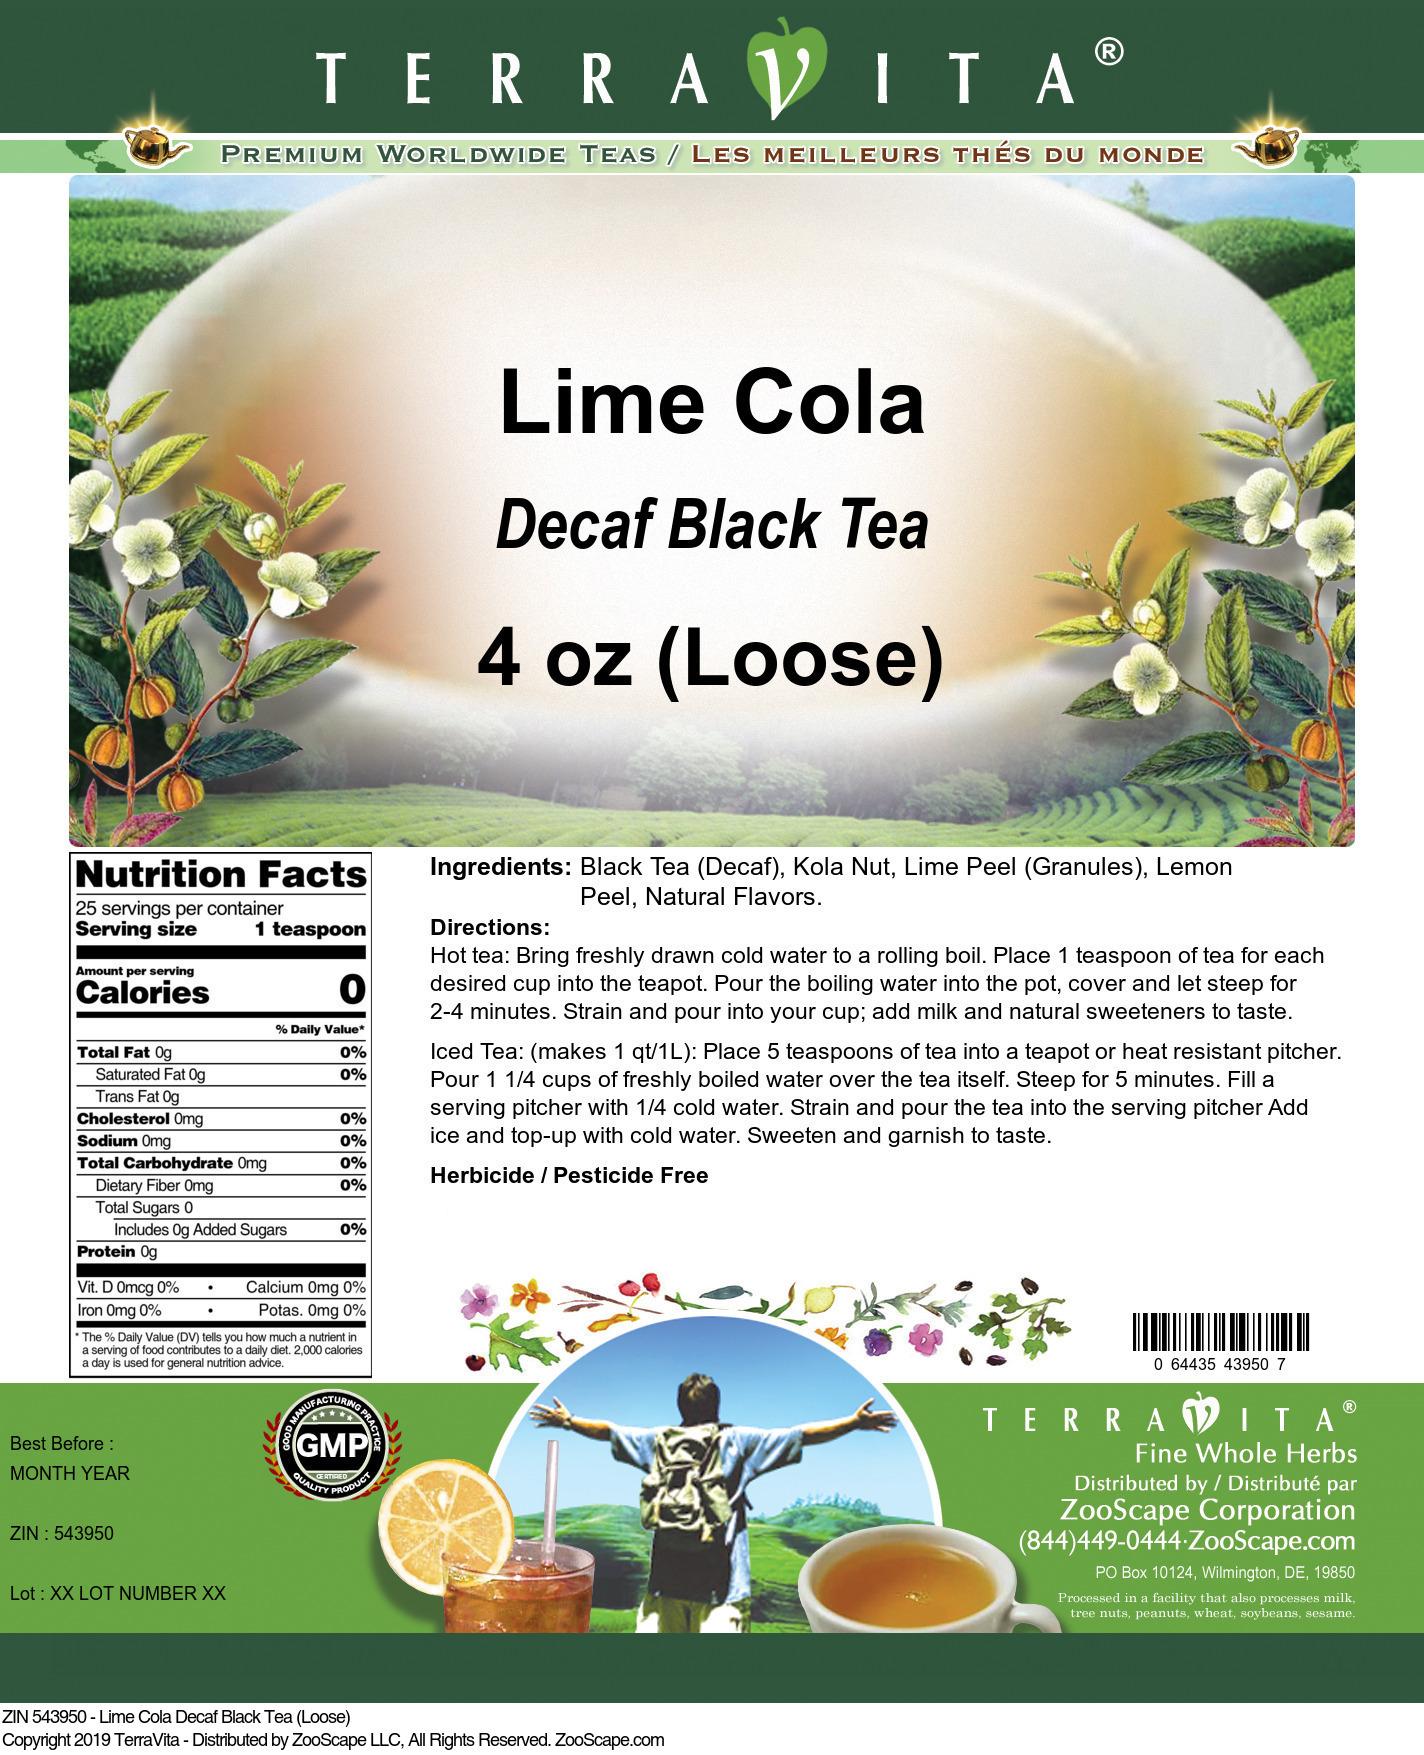 Lime Cola Decaf Black Tea (Loose)